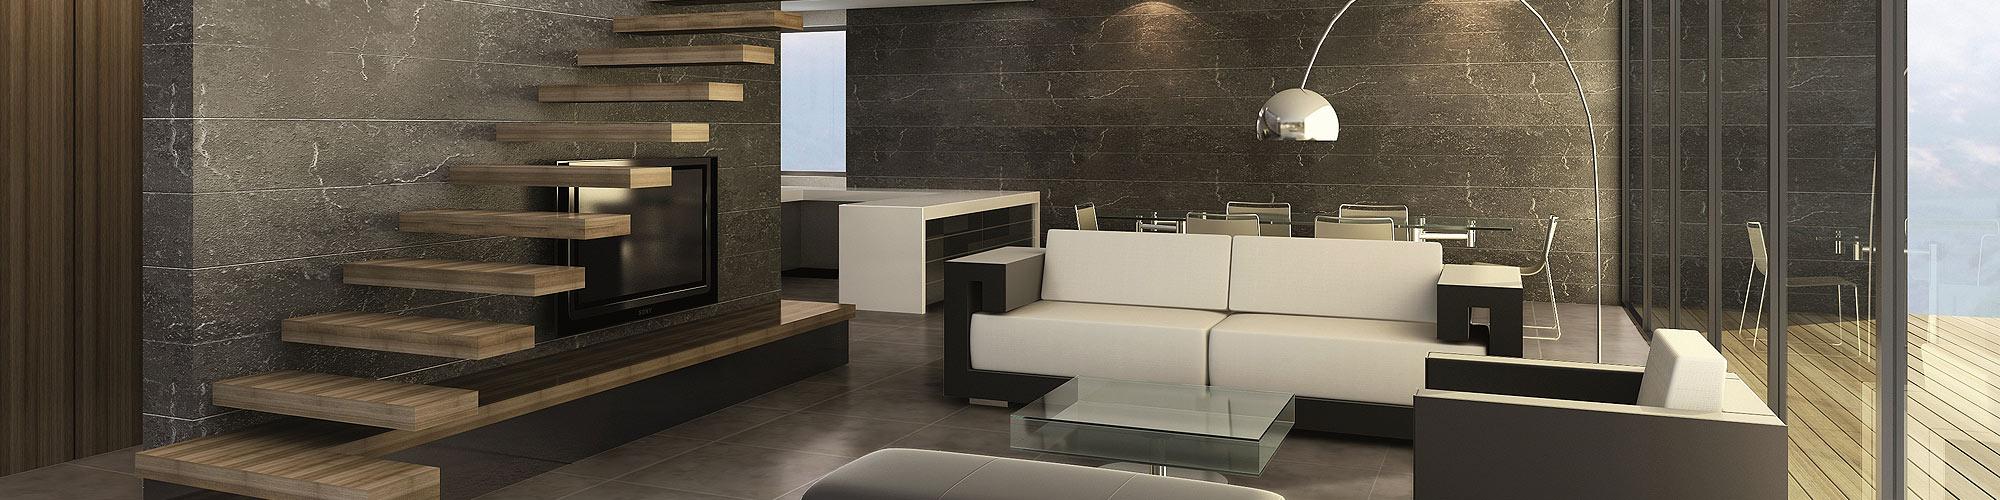 carrelage gu rande depuis 30 ans. Black Bedroom Furniture Sets. Home Design Ideas